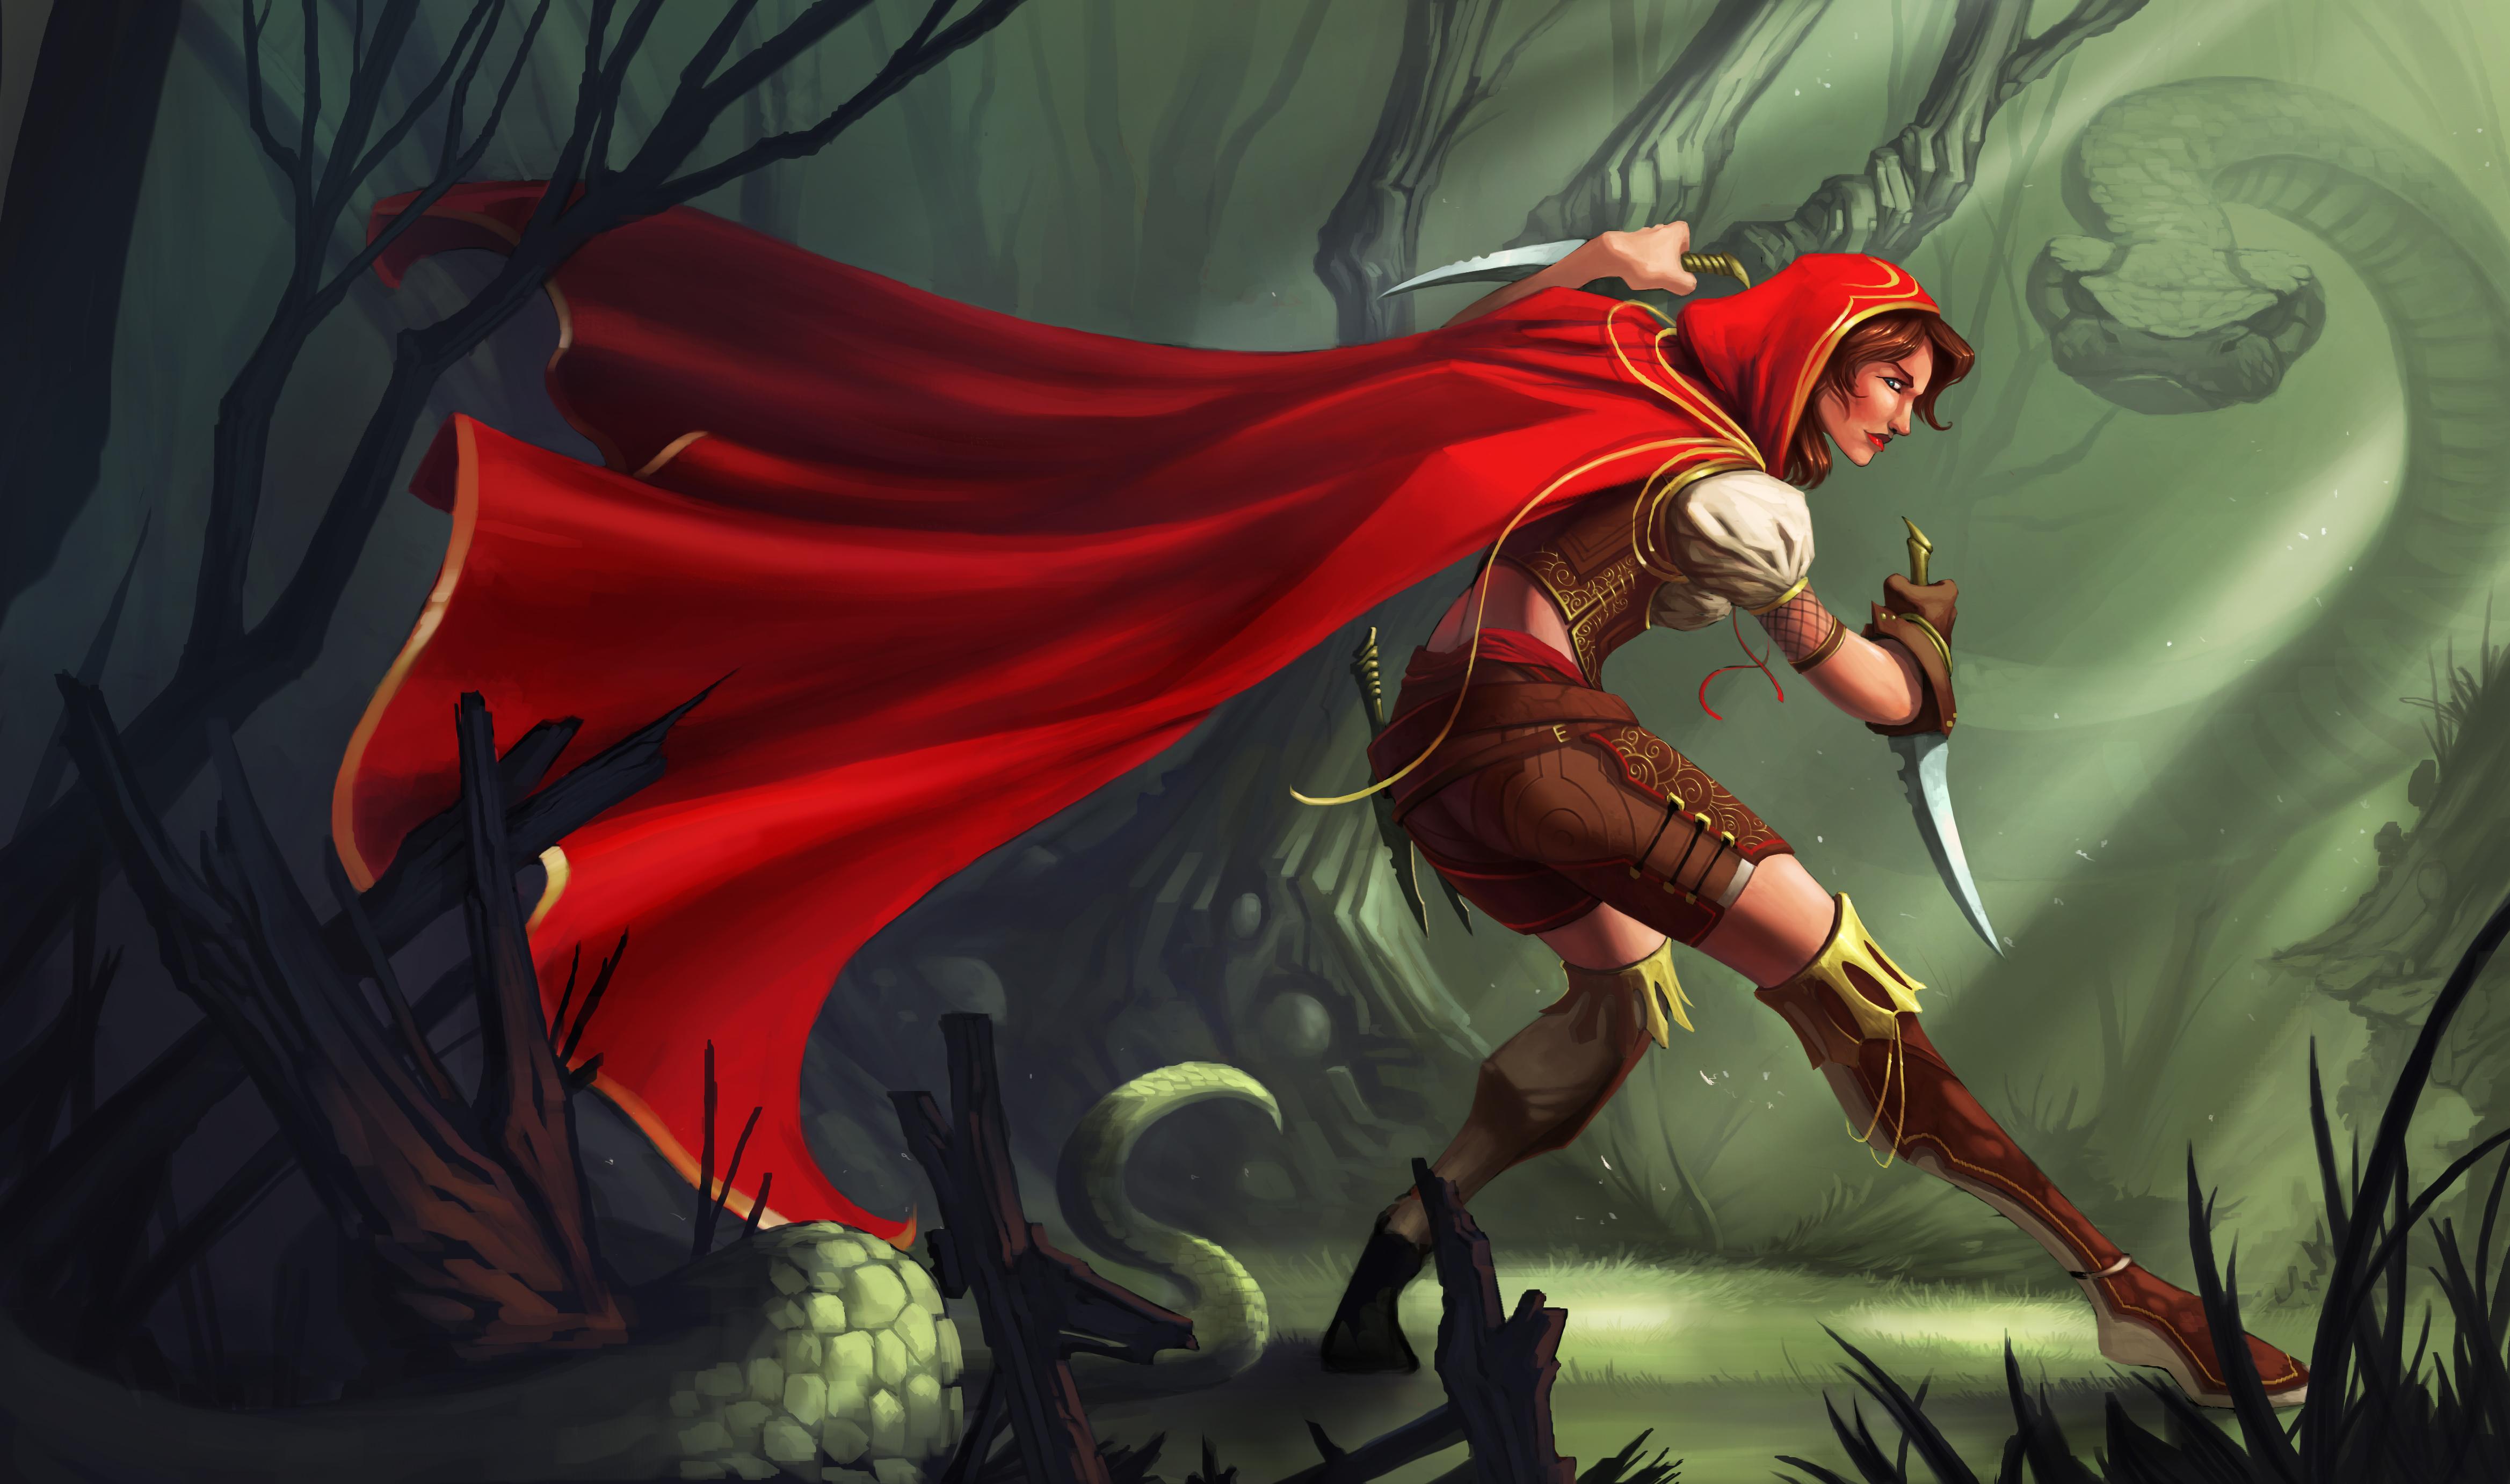 Красная шапочка с топором  № 1821719 загрузить